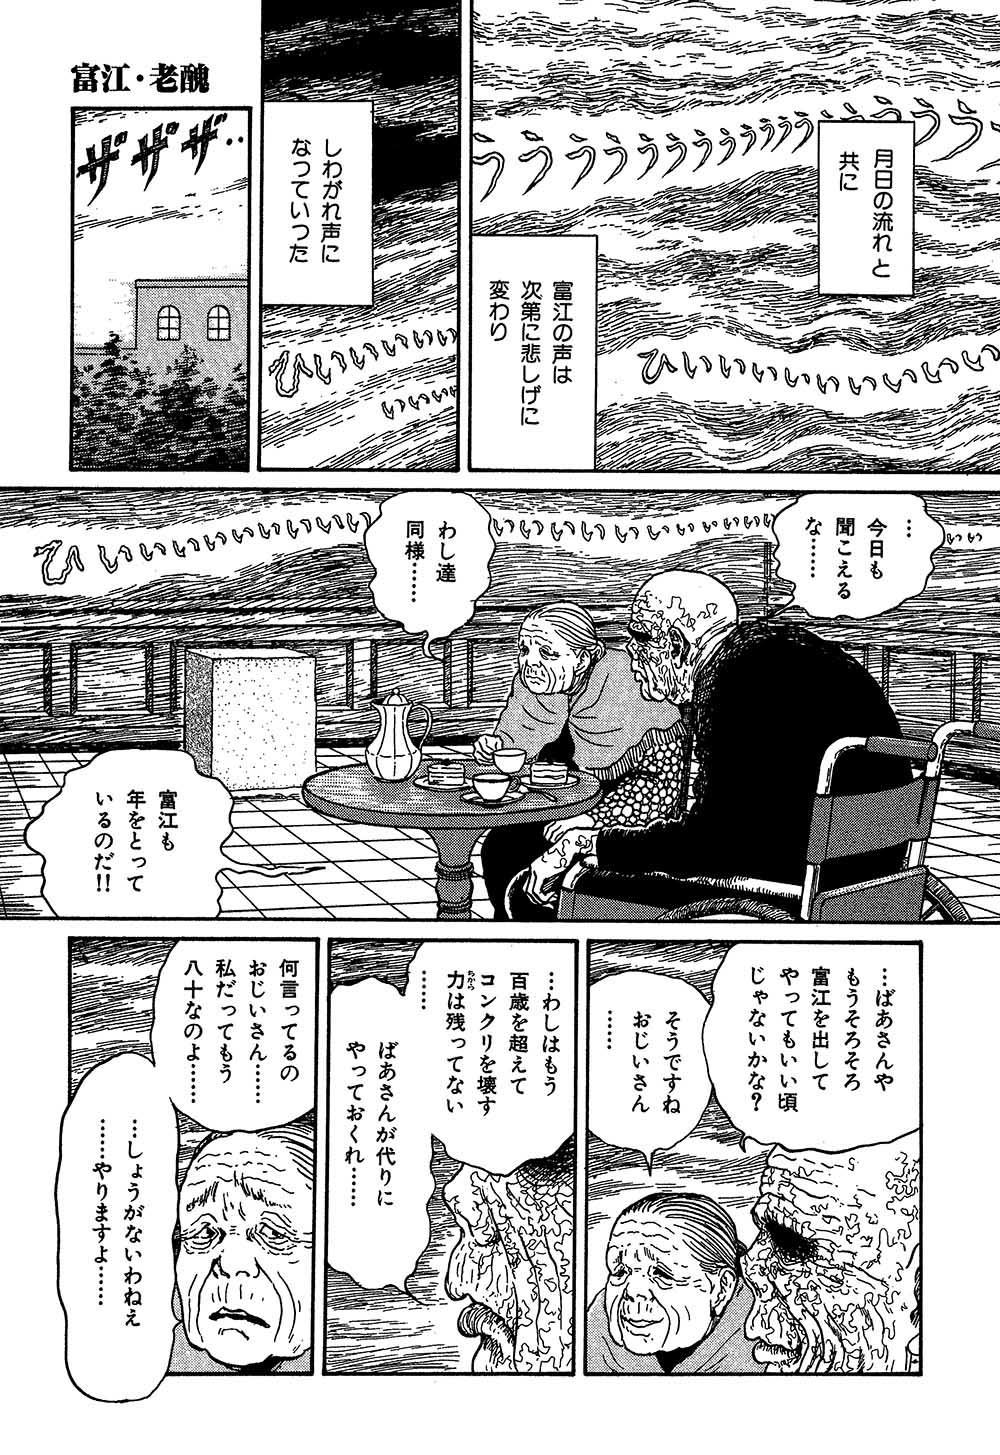 itouj_0002_0369.jpg